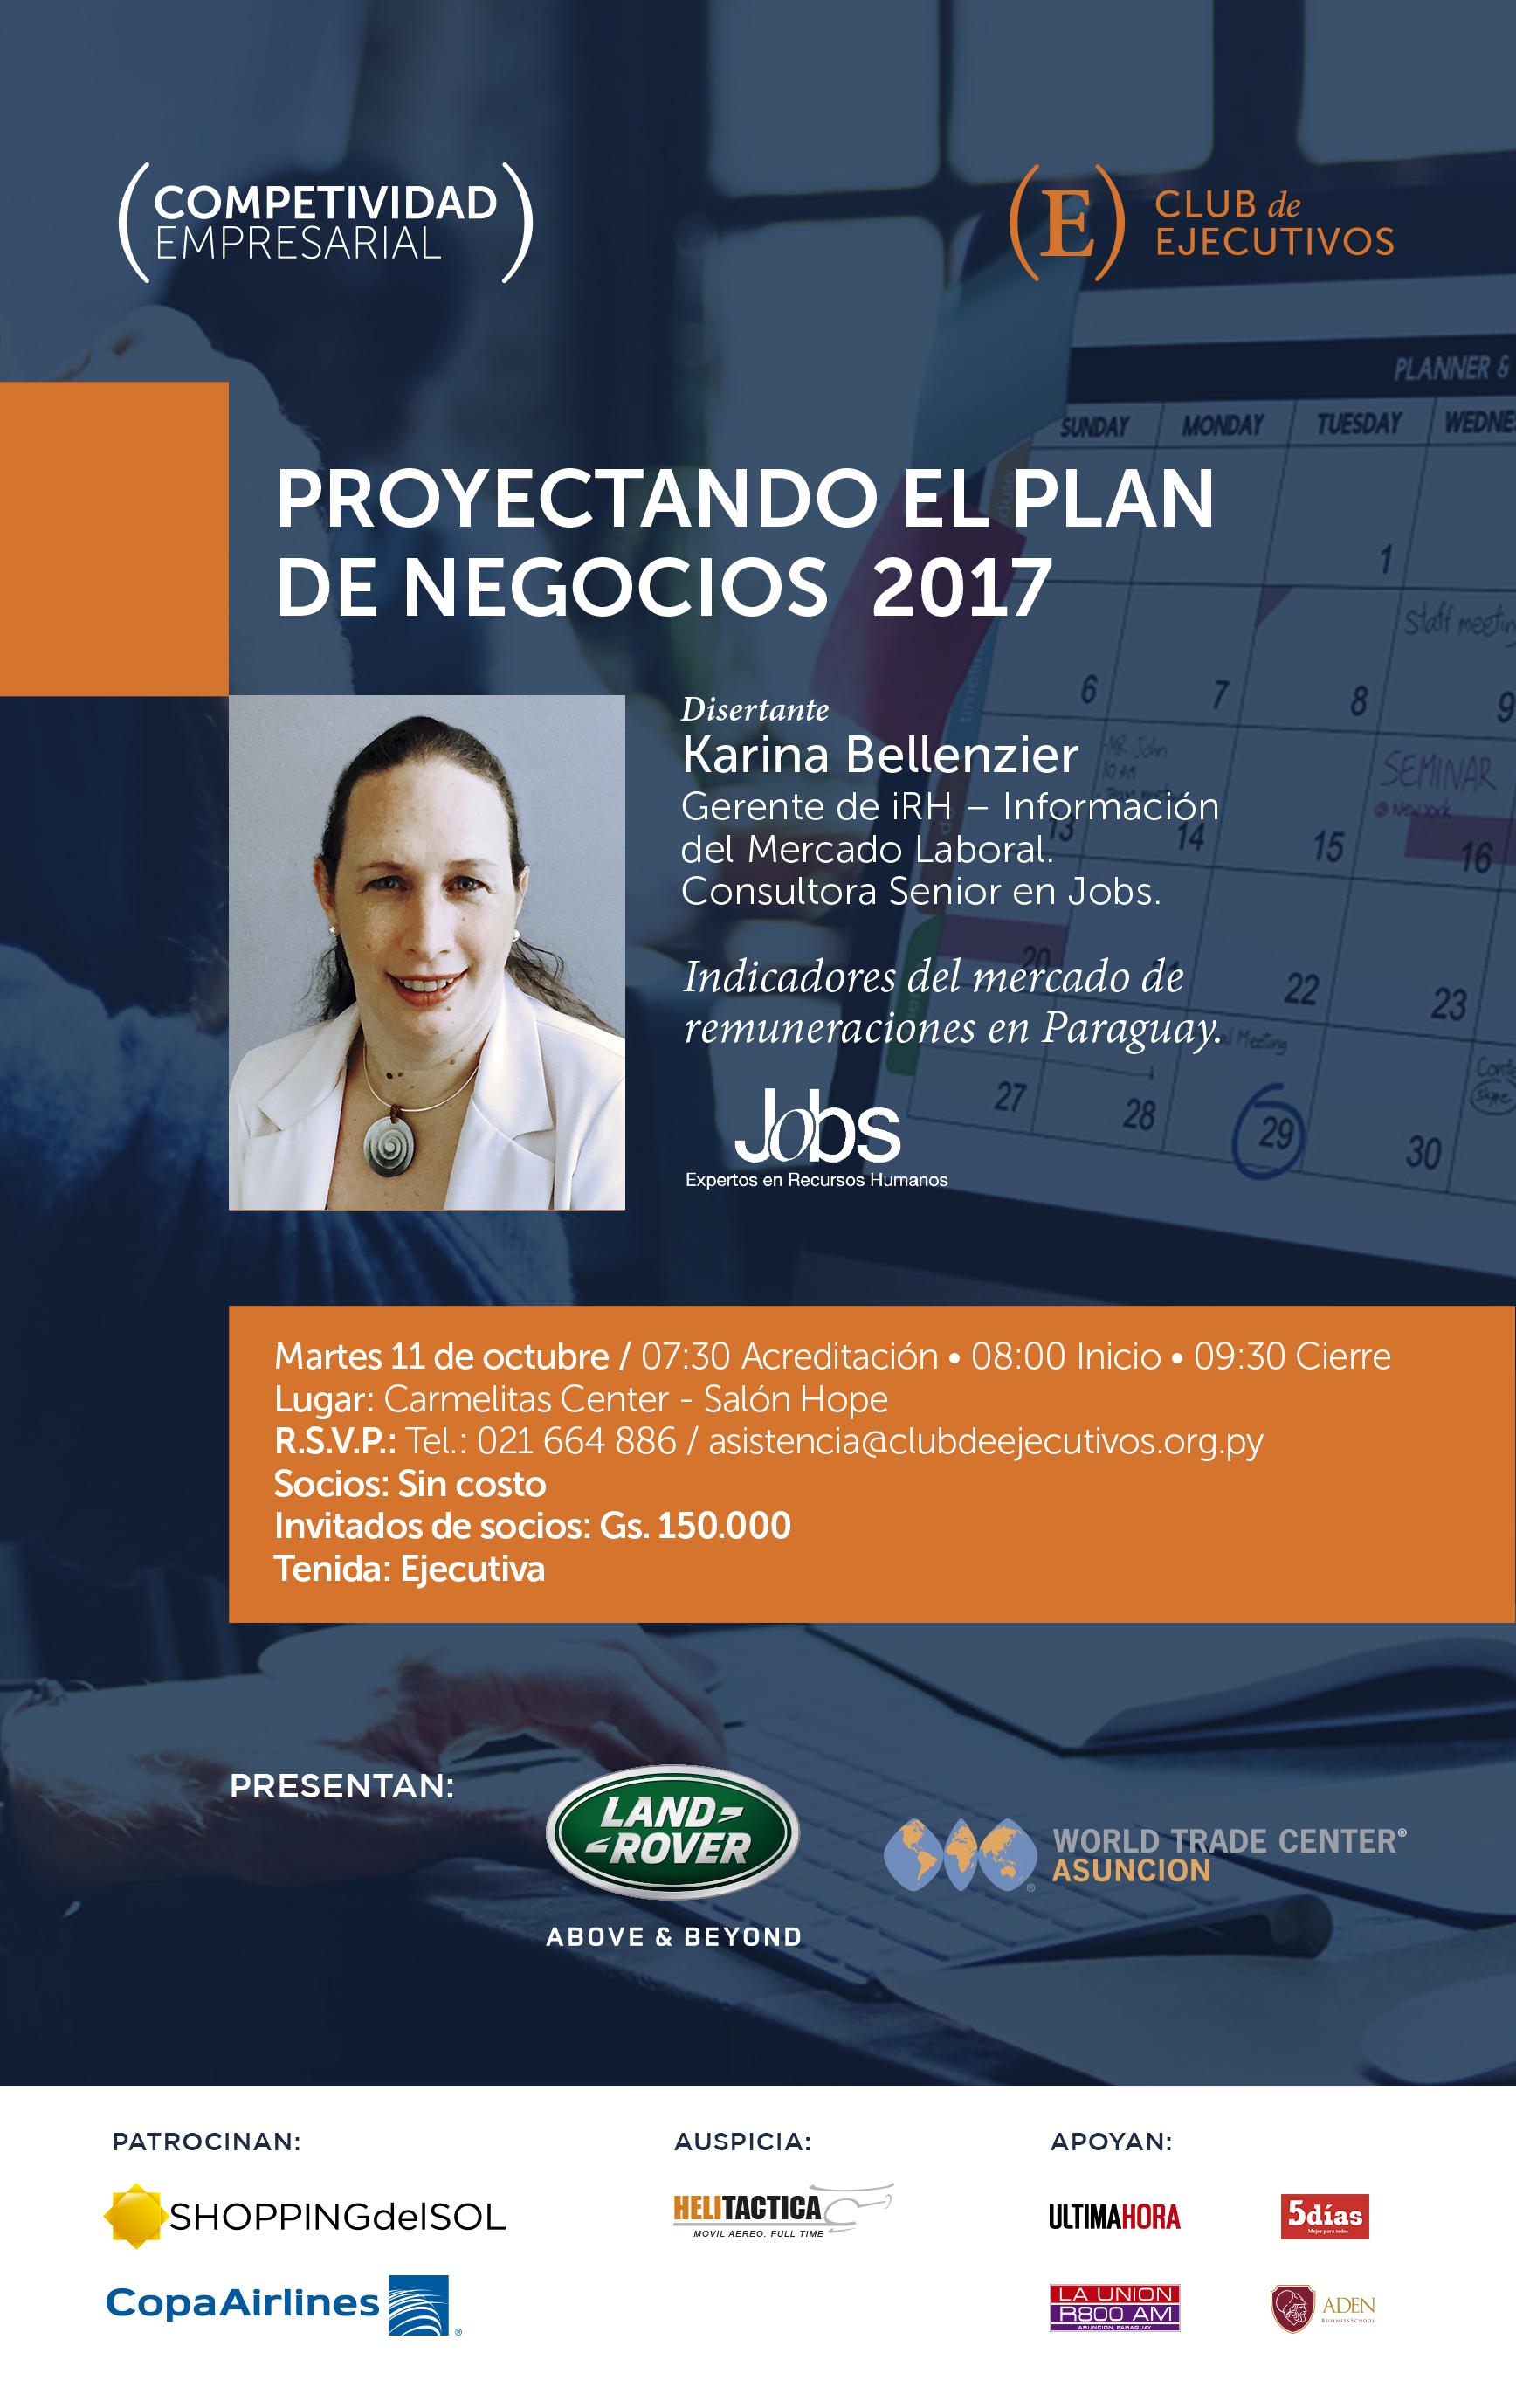 proyectando_el_plan_de_negocios